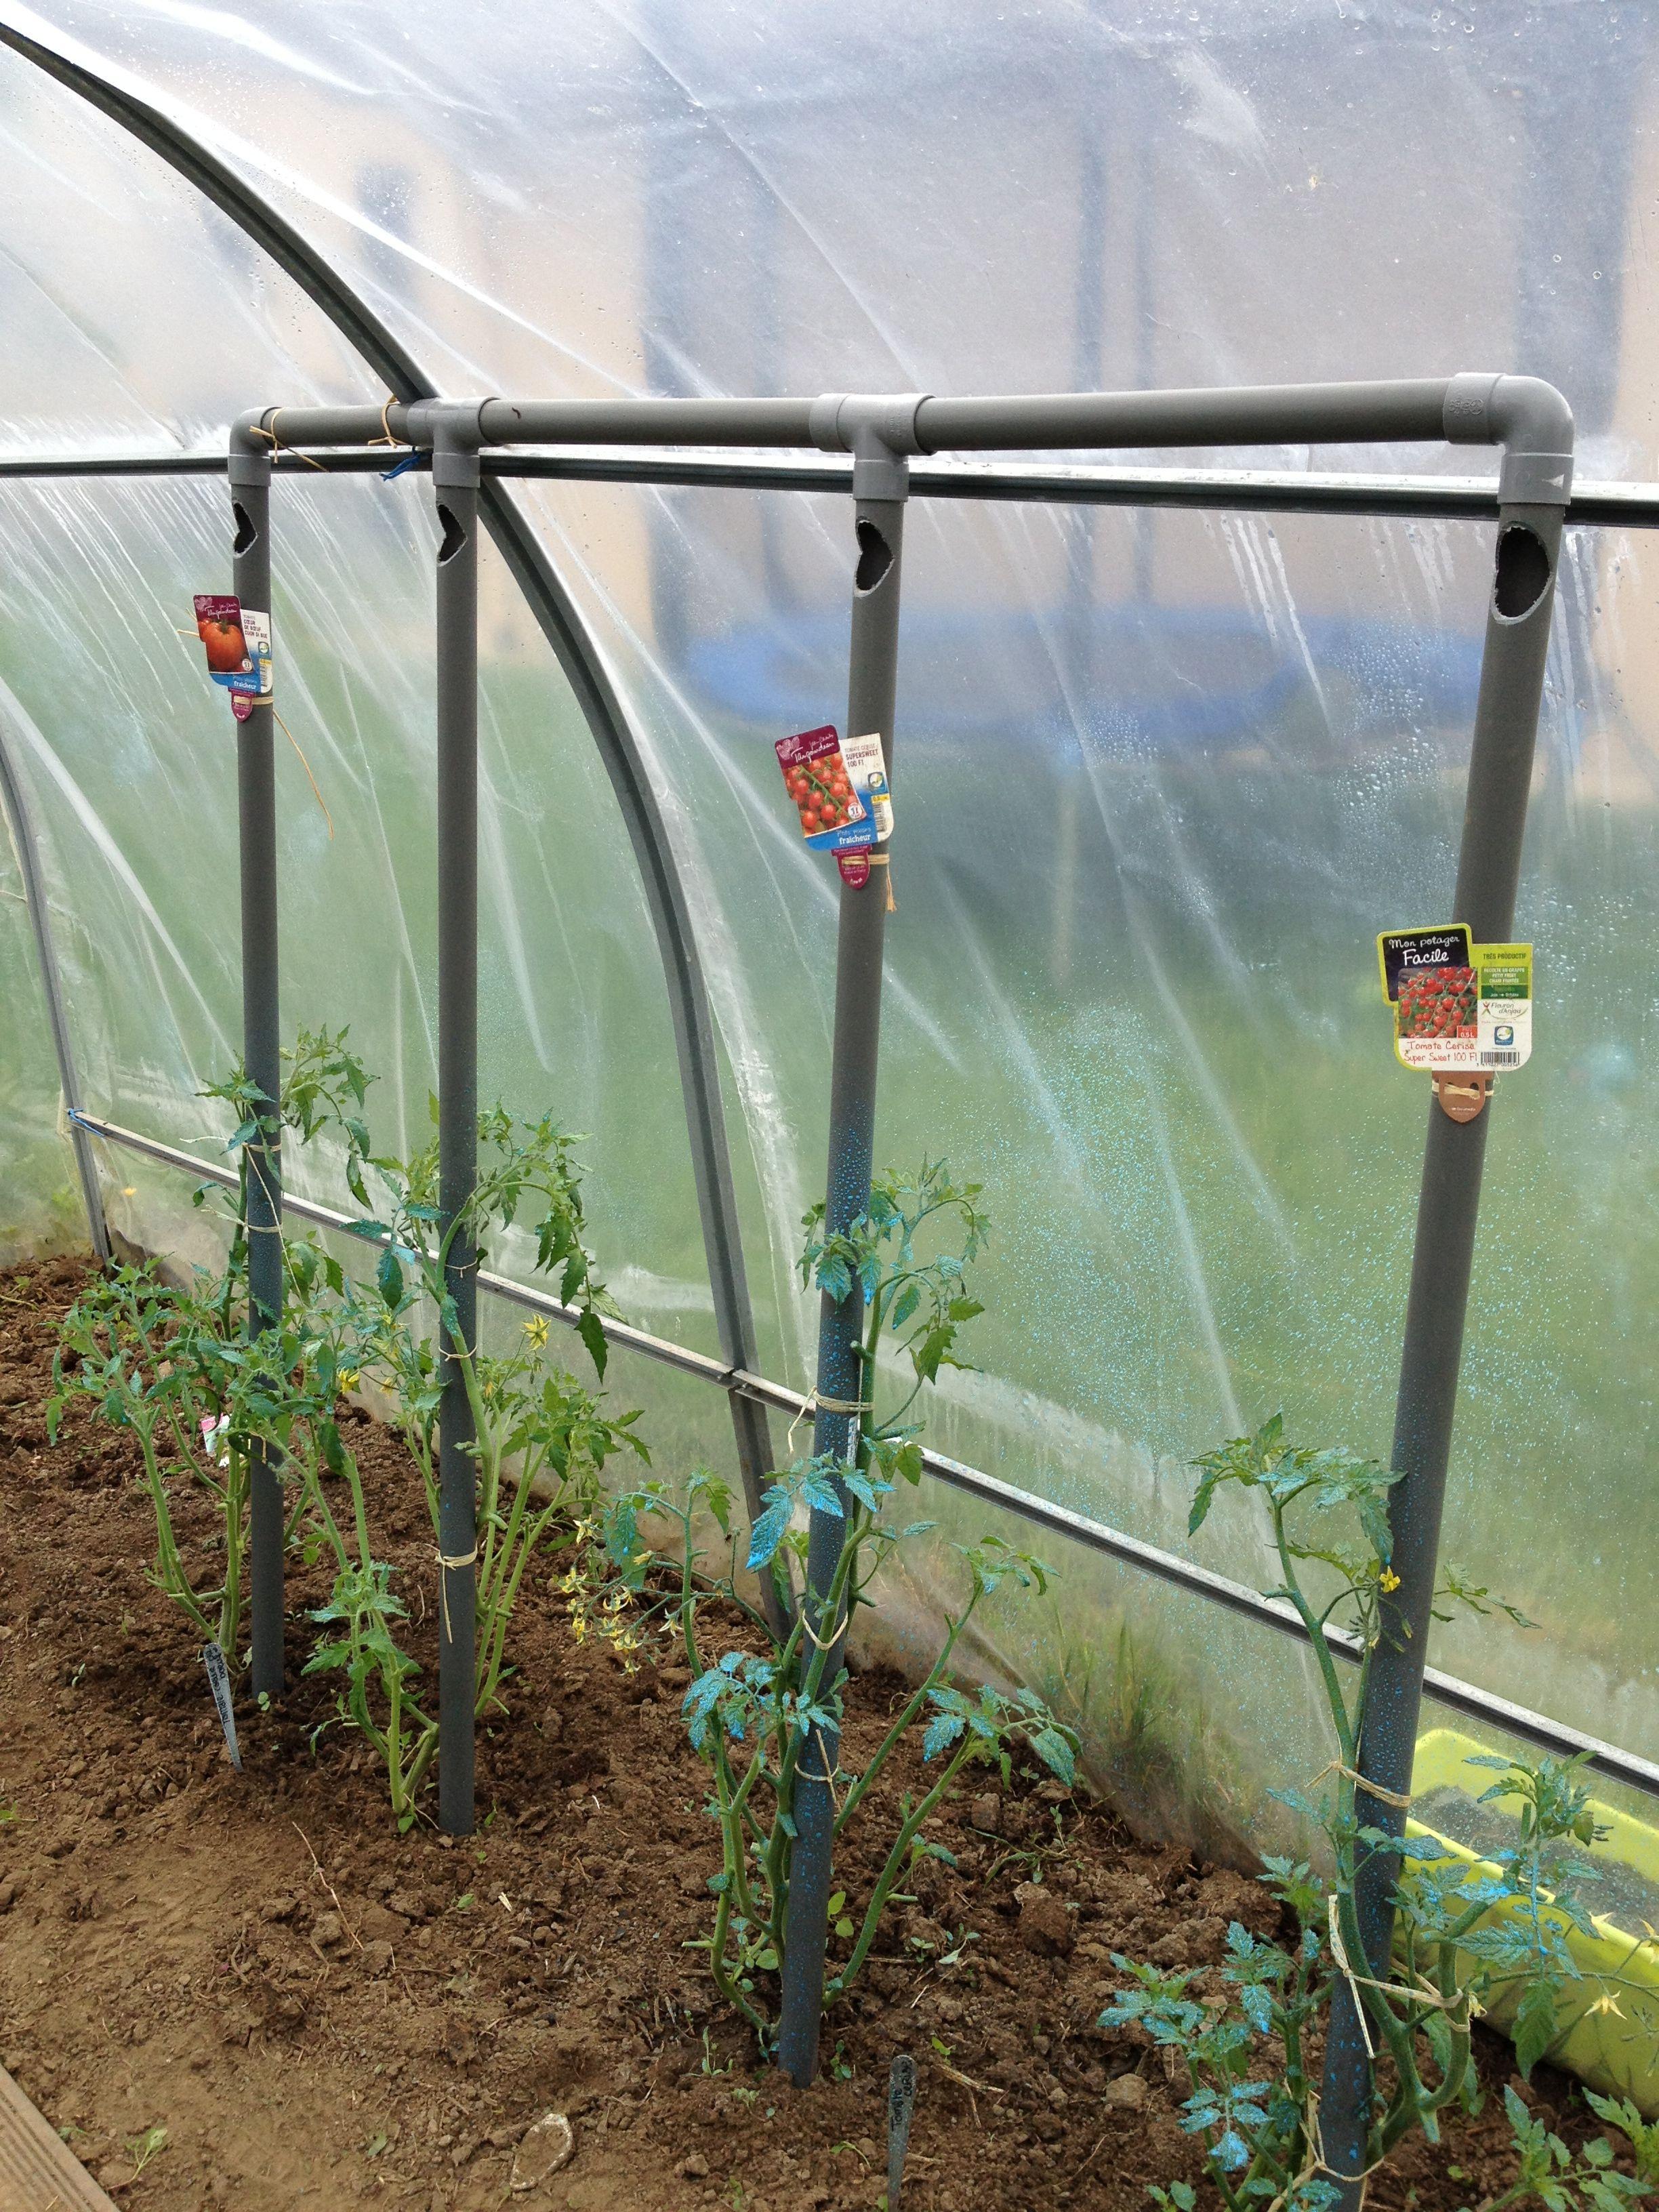 Astuce d 39 arrosage pour les tomates il faut penser a faire un trou a la perceuse dans le bas du - Comment decoller un tuyau pvc ...